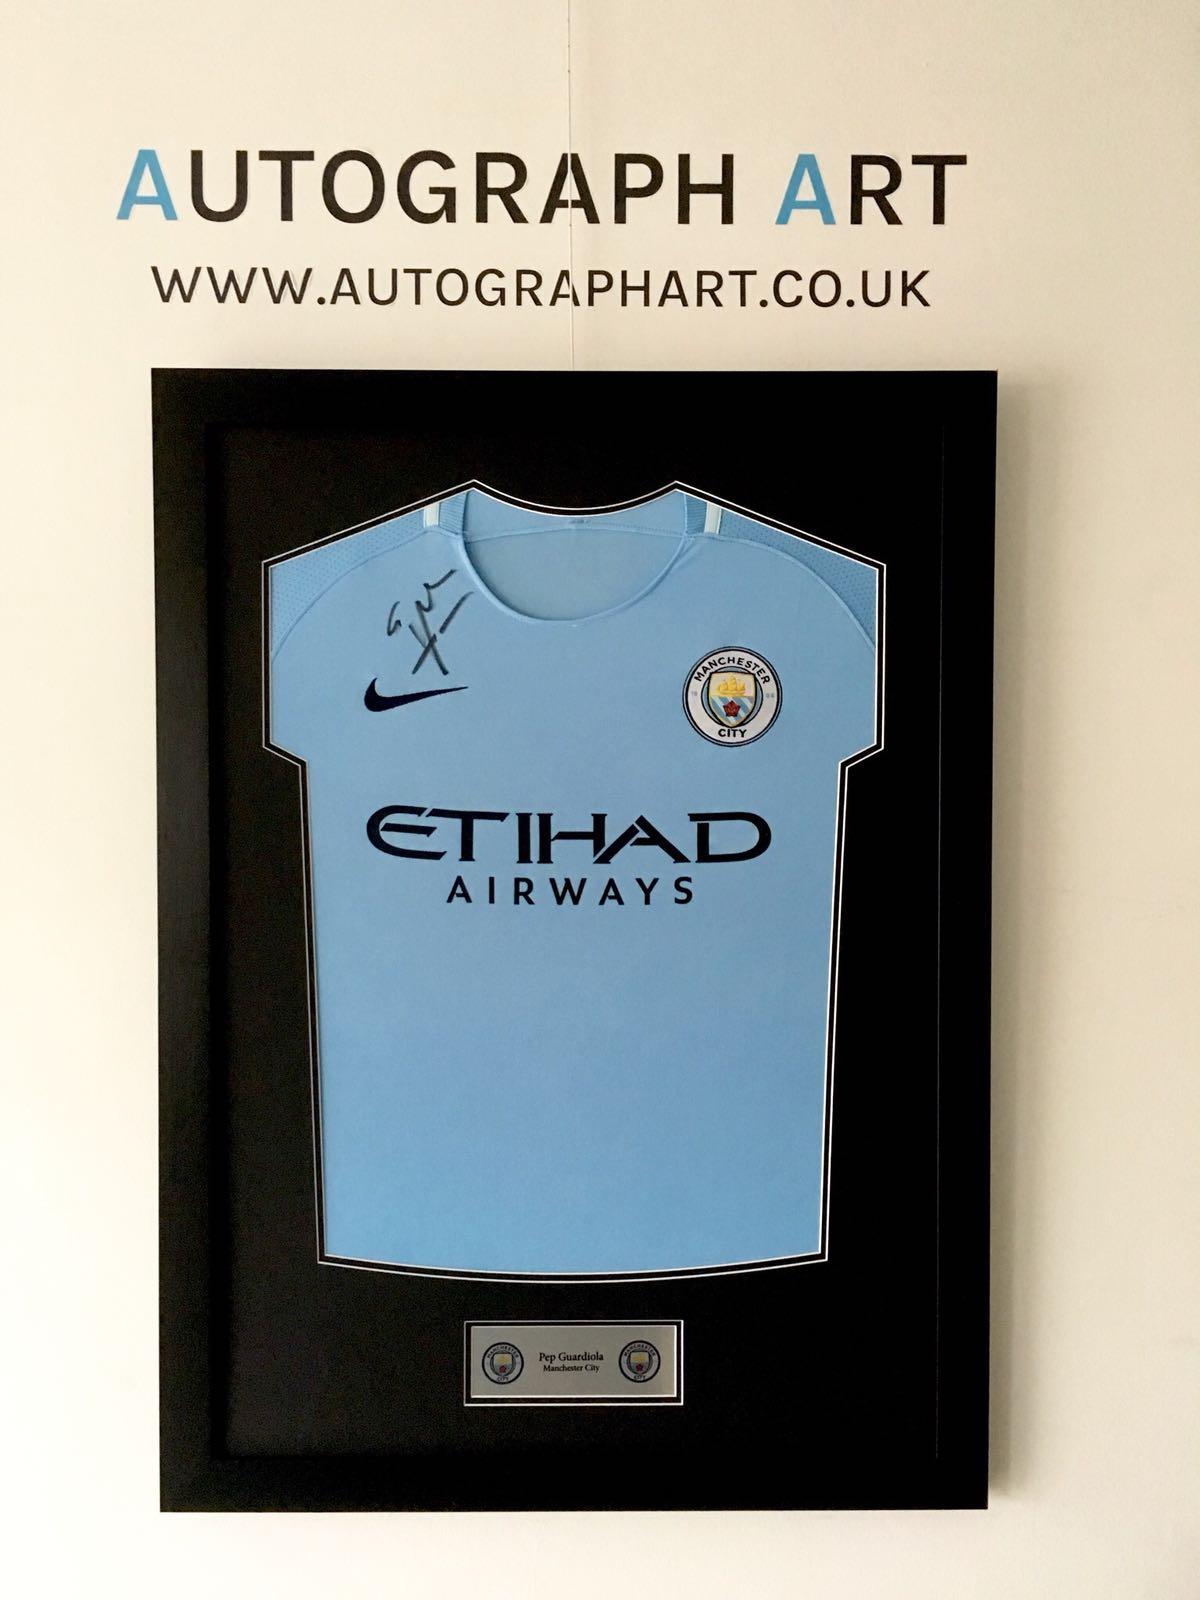 How To Frame A Shirt >> Pep Guardiola Signed Framed Manchester City 2017/18 Home Shirt - Autographed Memorabilia